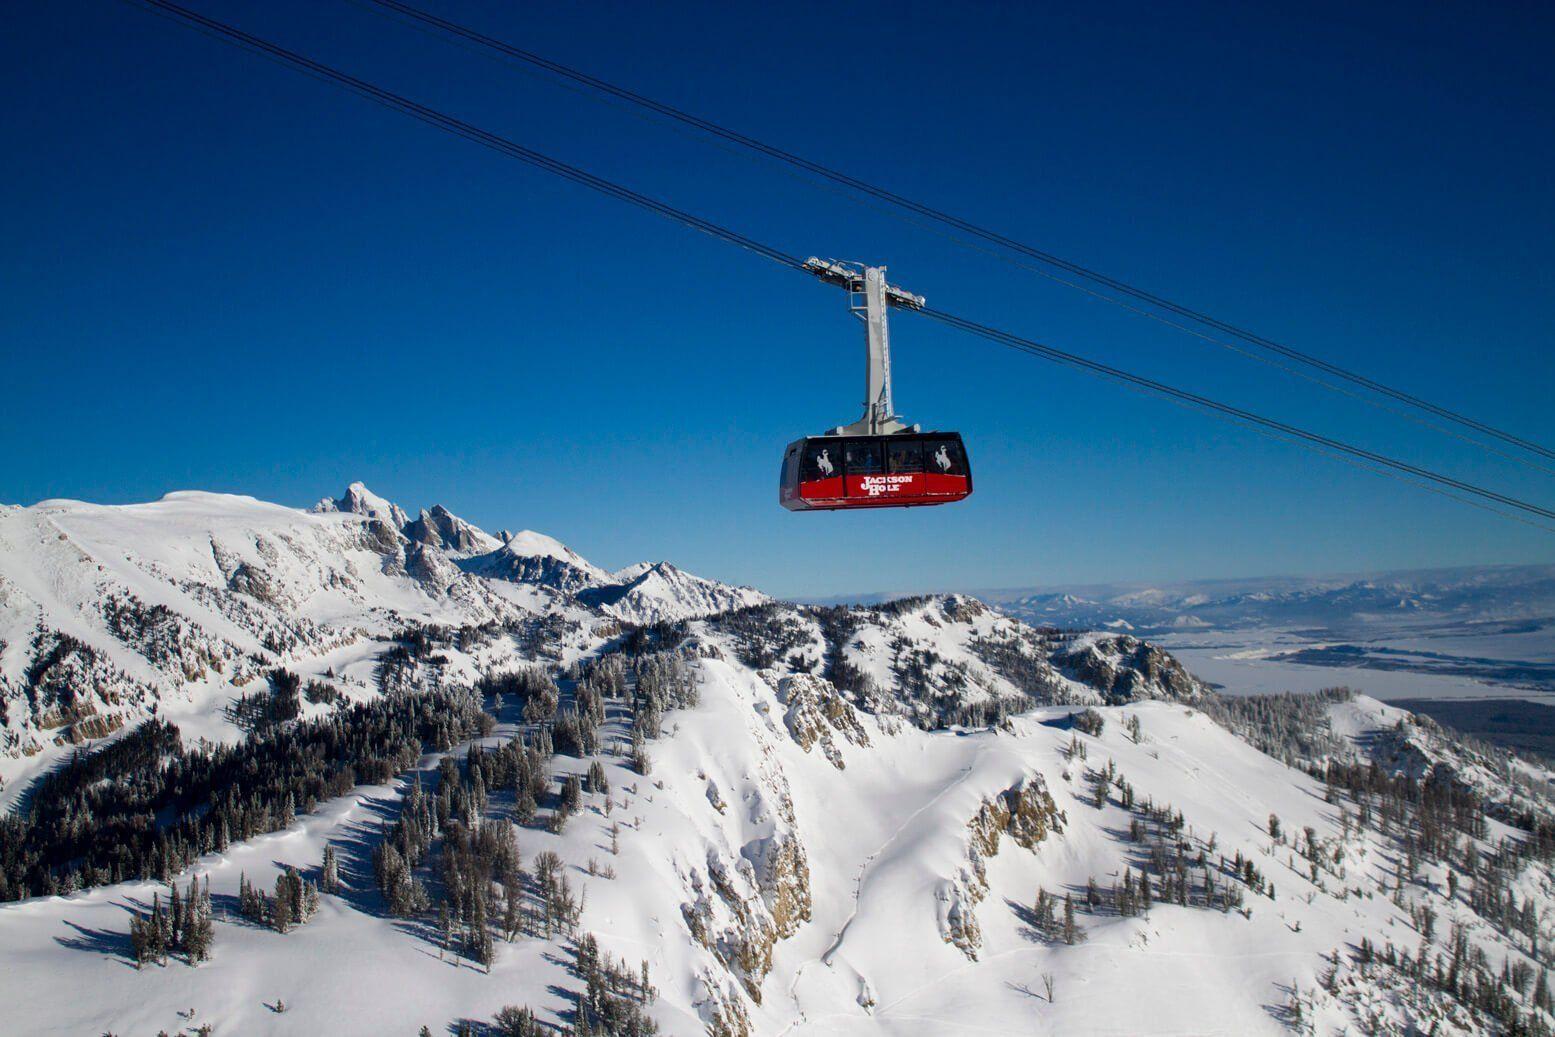 jackson-hole-ski